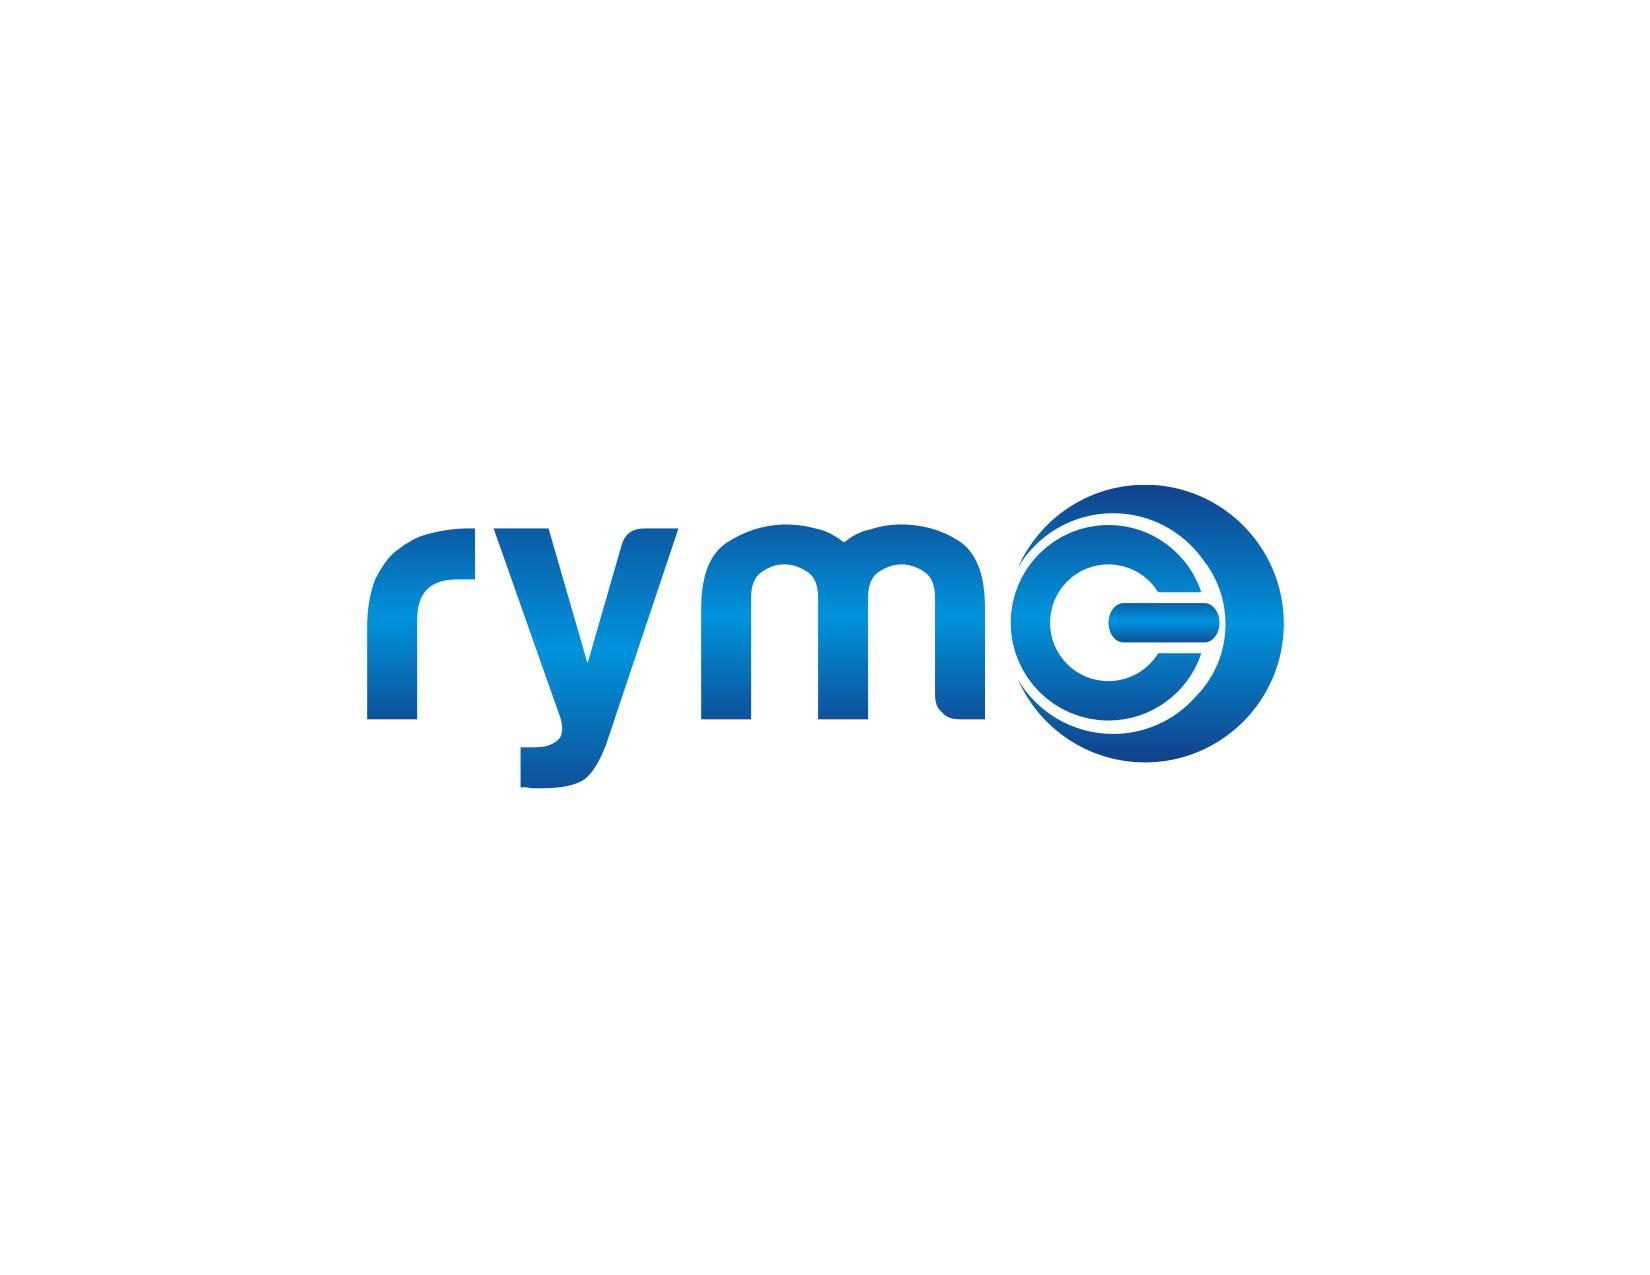 logo for RYME